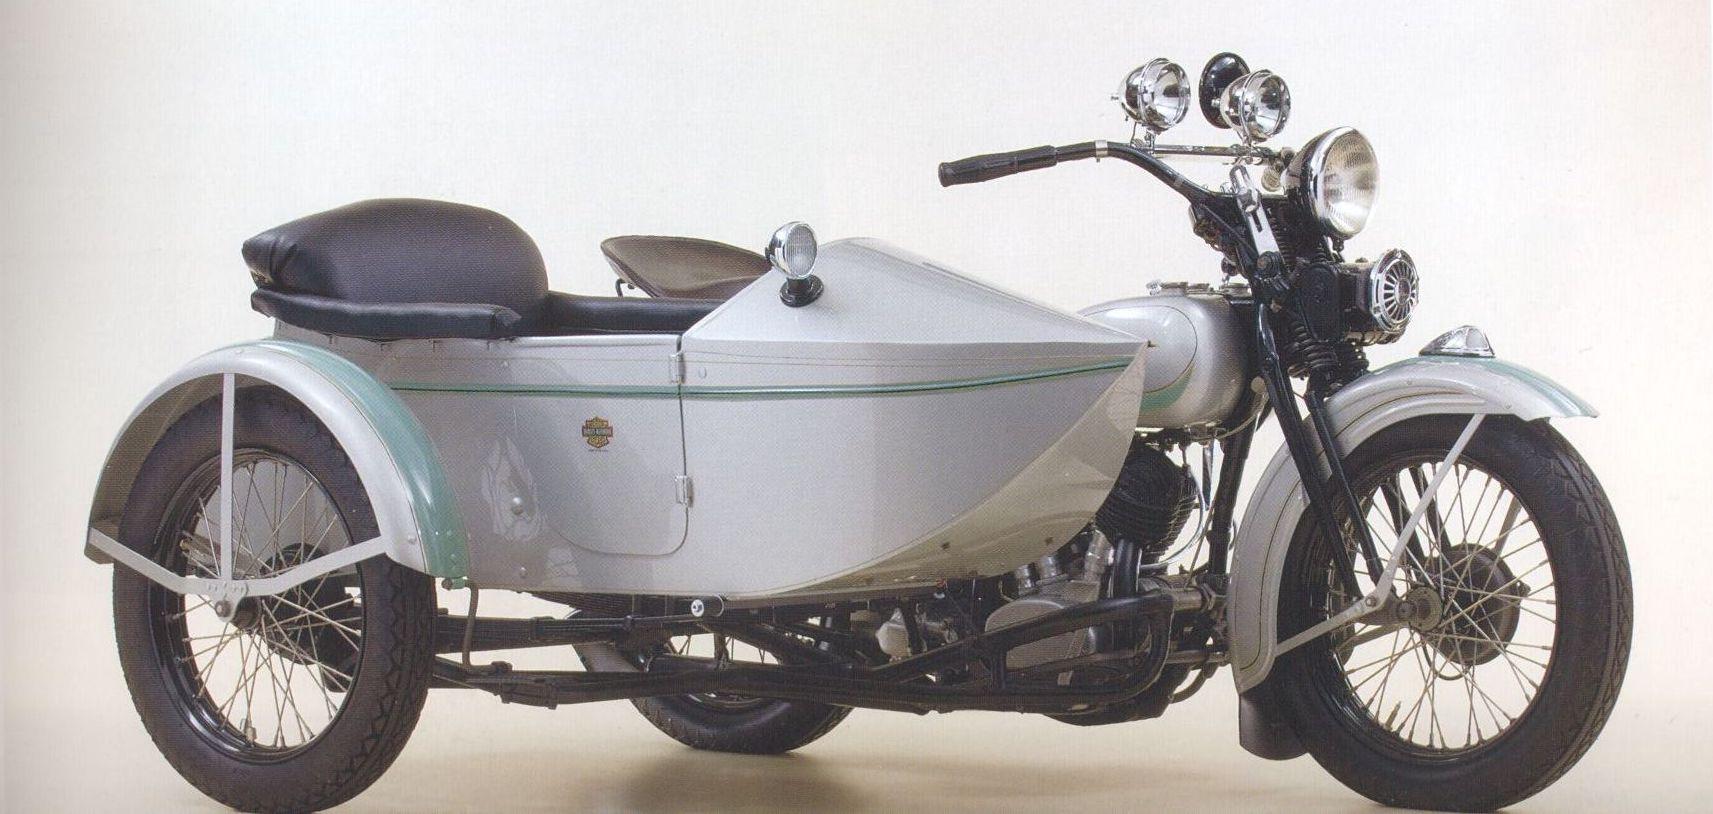 Modelo LT sidecar